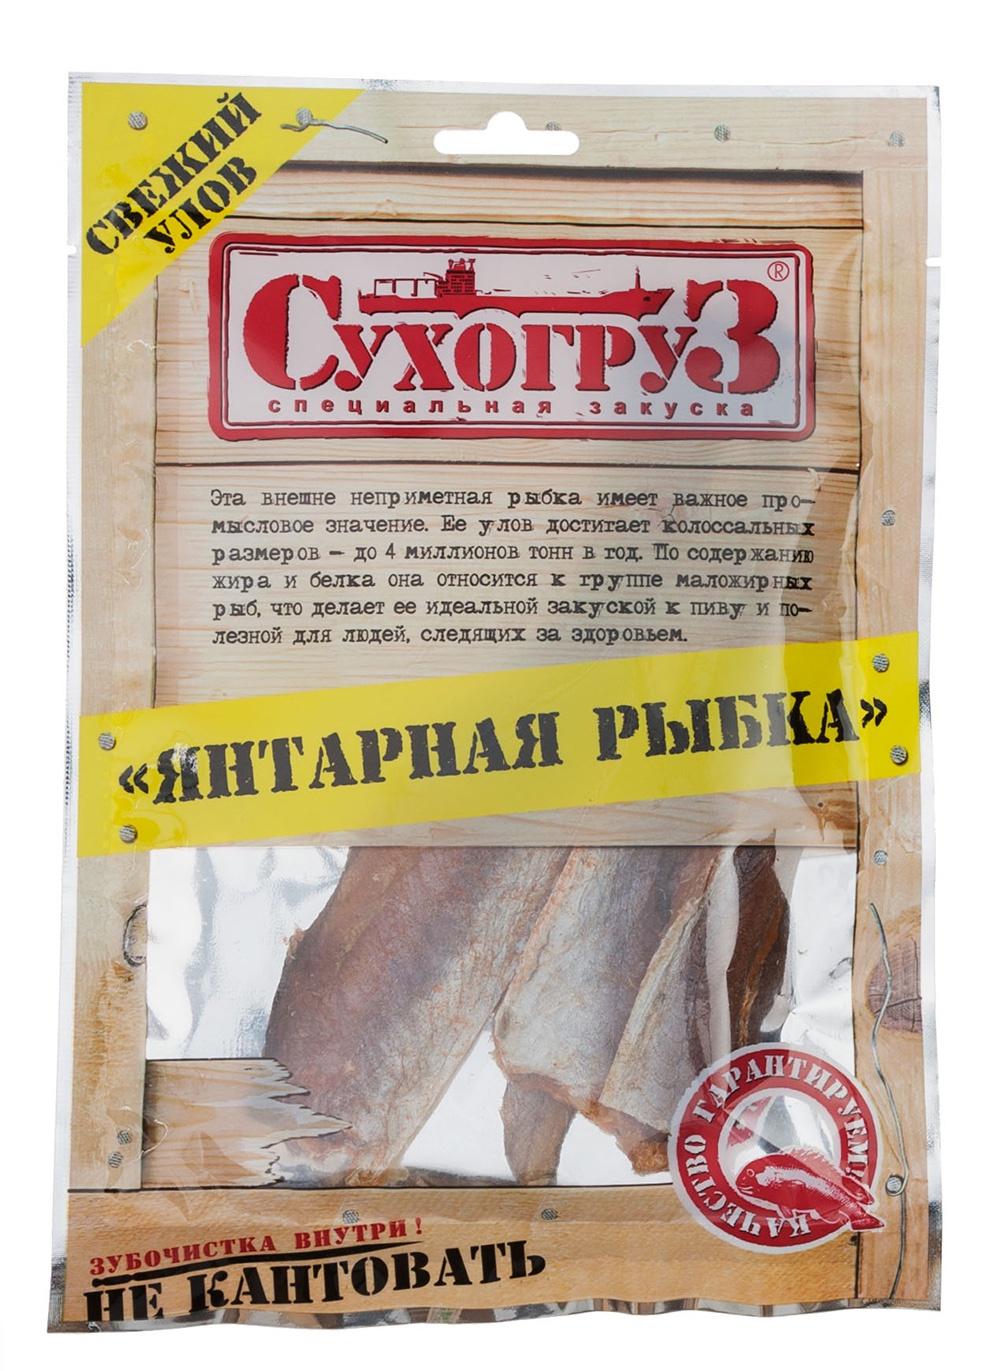 Сушеная рыба Сухогруз Янтарная рыбка, 70 г.